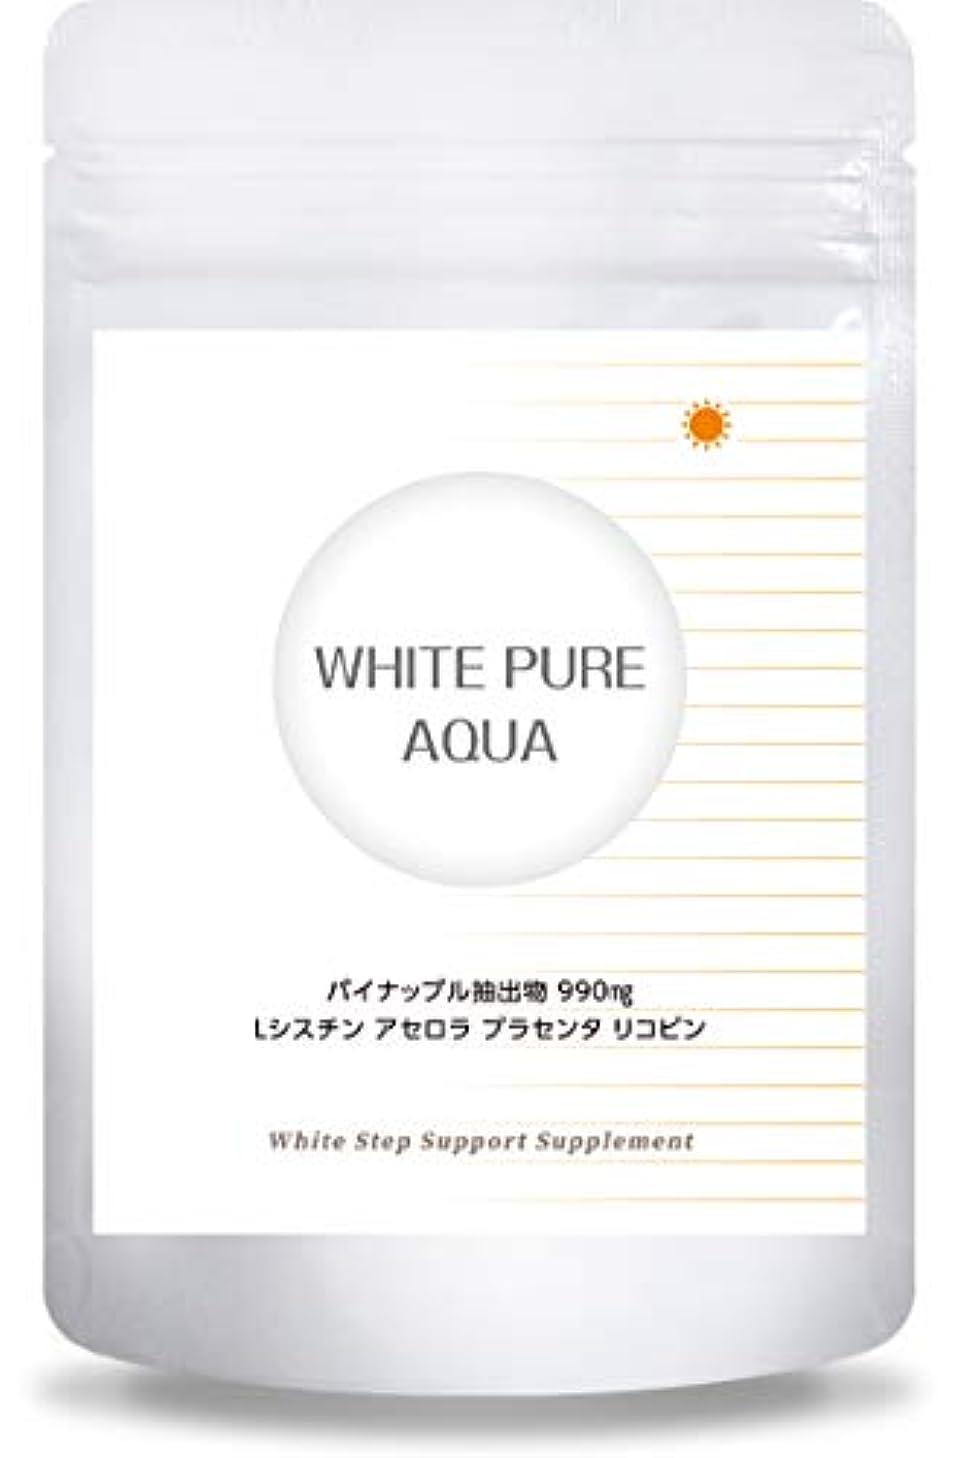 移住するトリプルヒロインプラセンタ ビタミンC シスチン リコピン サプリ 配合 30日 WHITE PURE AQUA